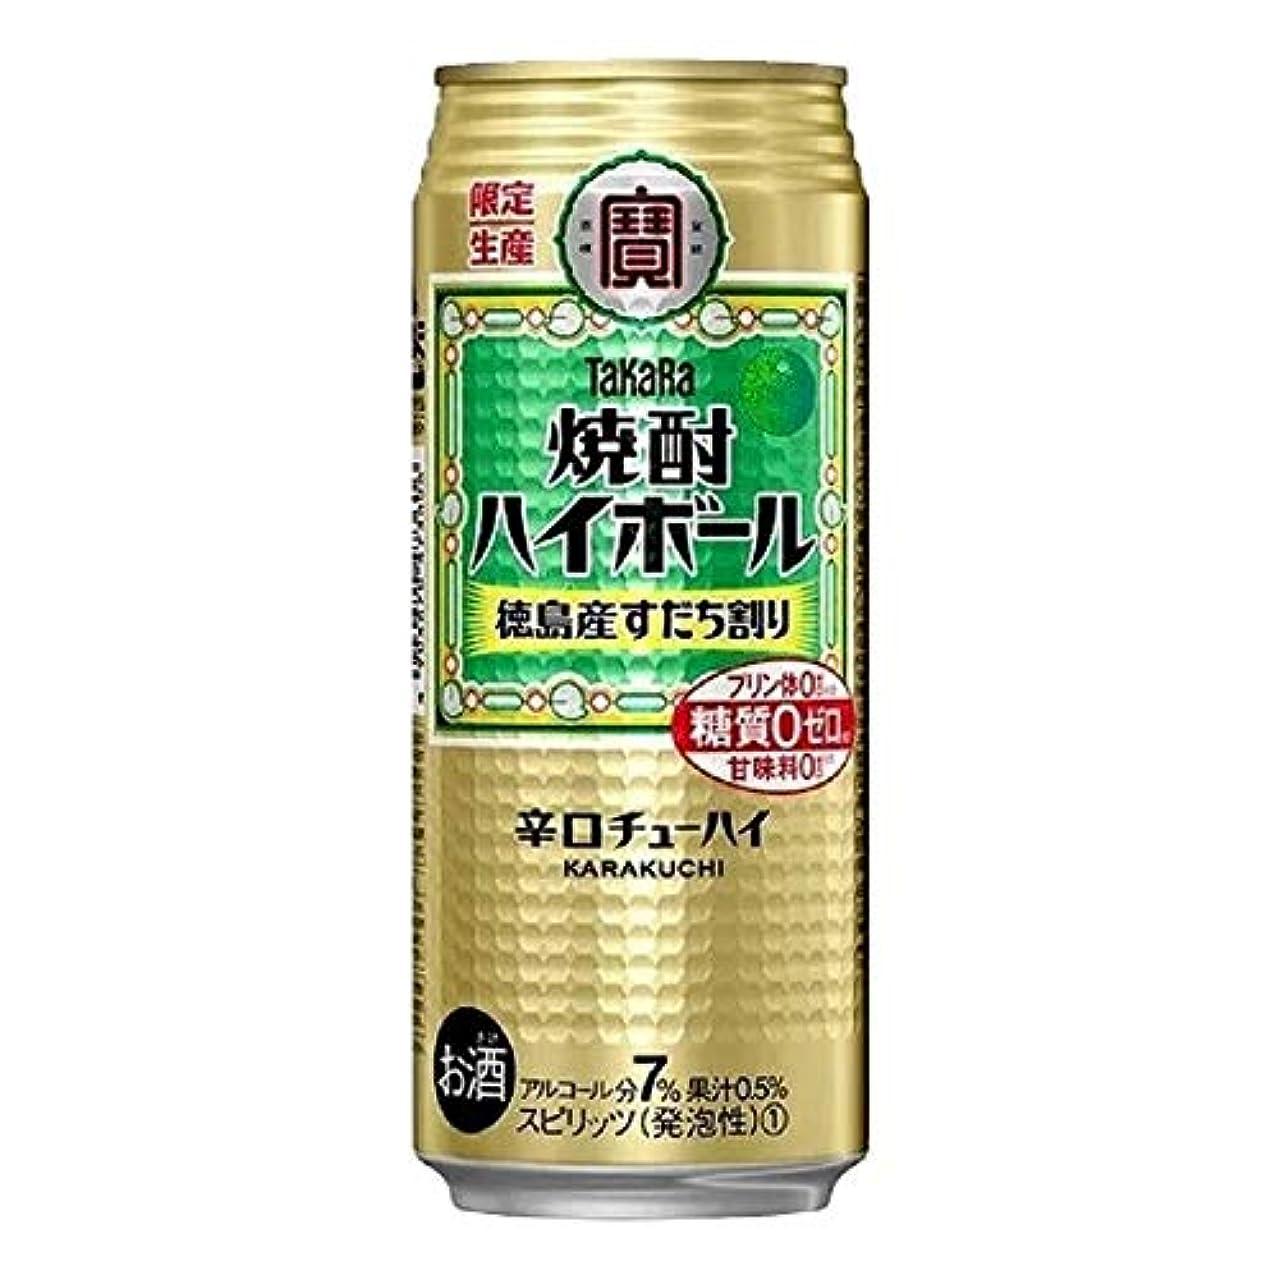 罪人極貧ゴルフ缶チューハイ 宝 焼酎ハイボール すだち割り 500ML 24本 (1ケース) 宝酒造